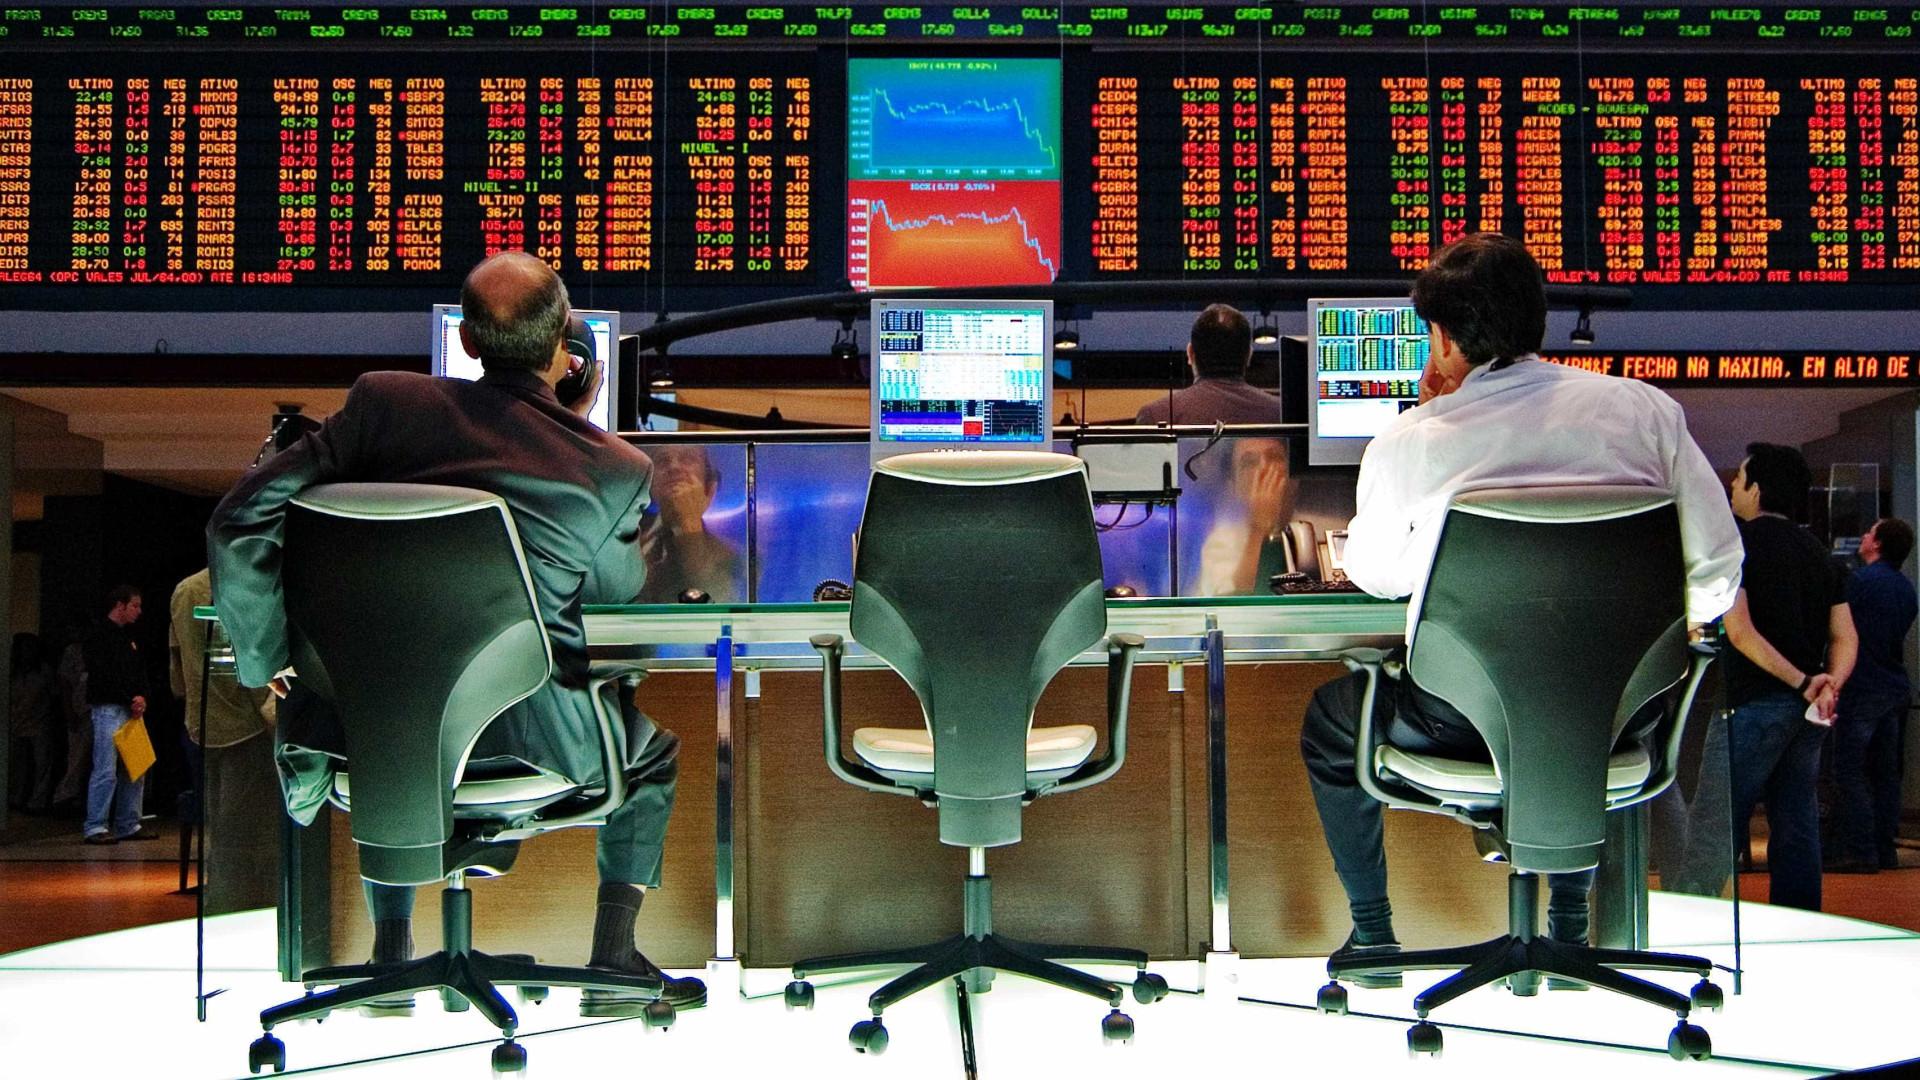 Bolsas mundiais terminam semana com perdas